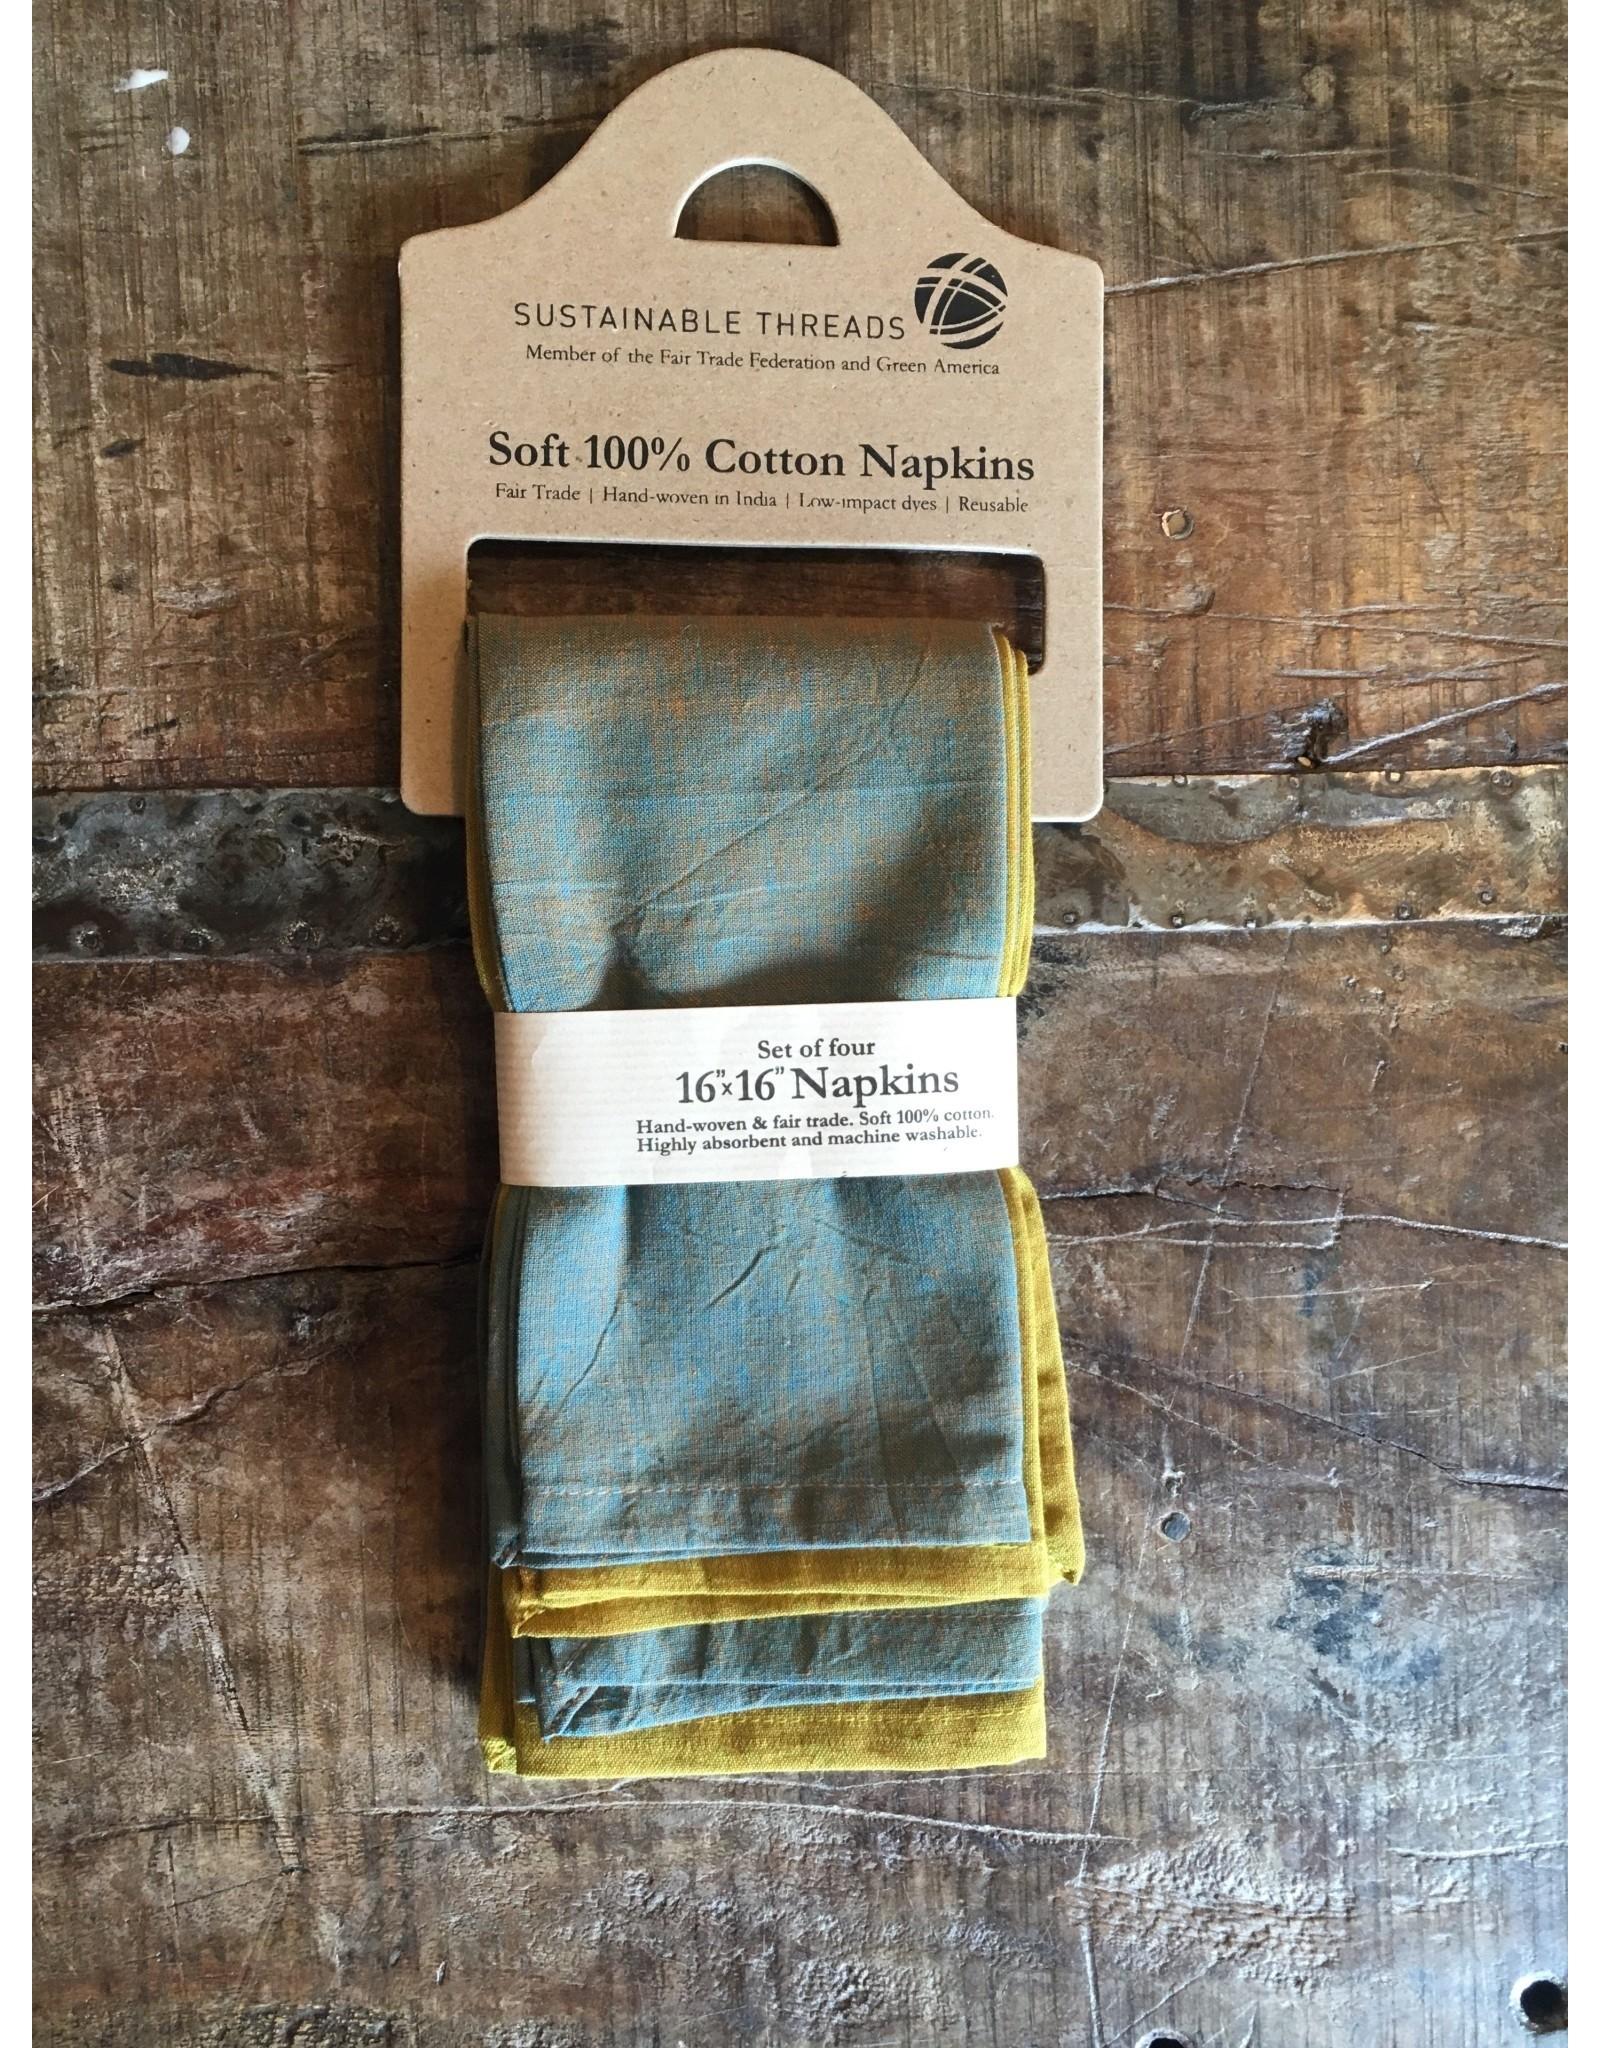 16 x 16 Cotton Napkins, Bliss, India